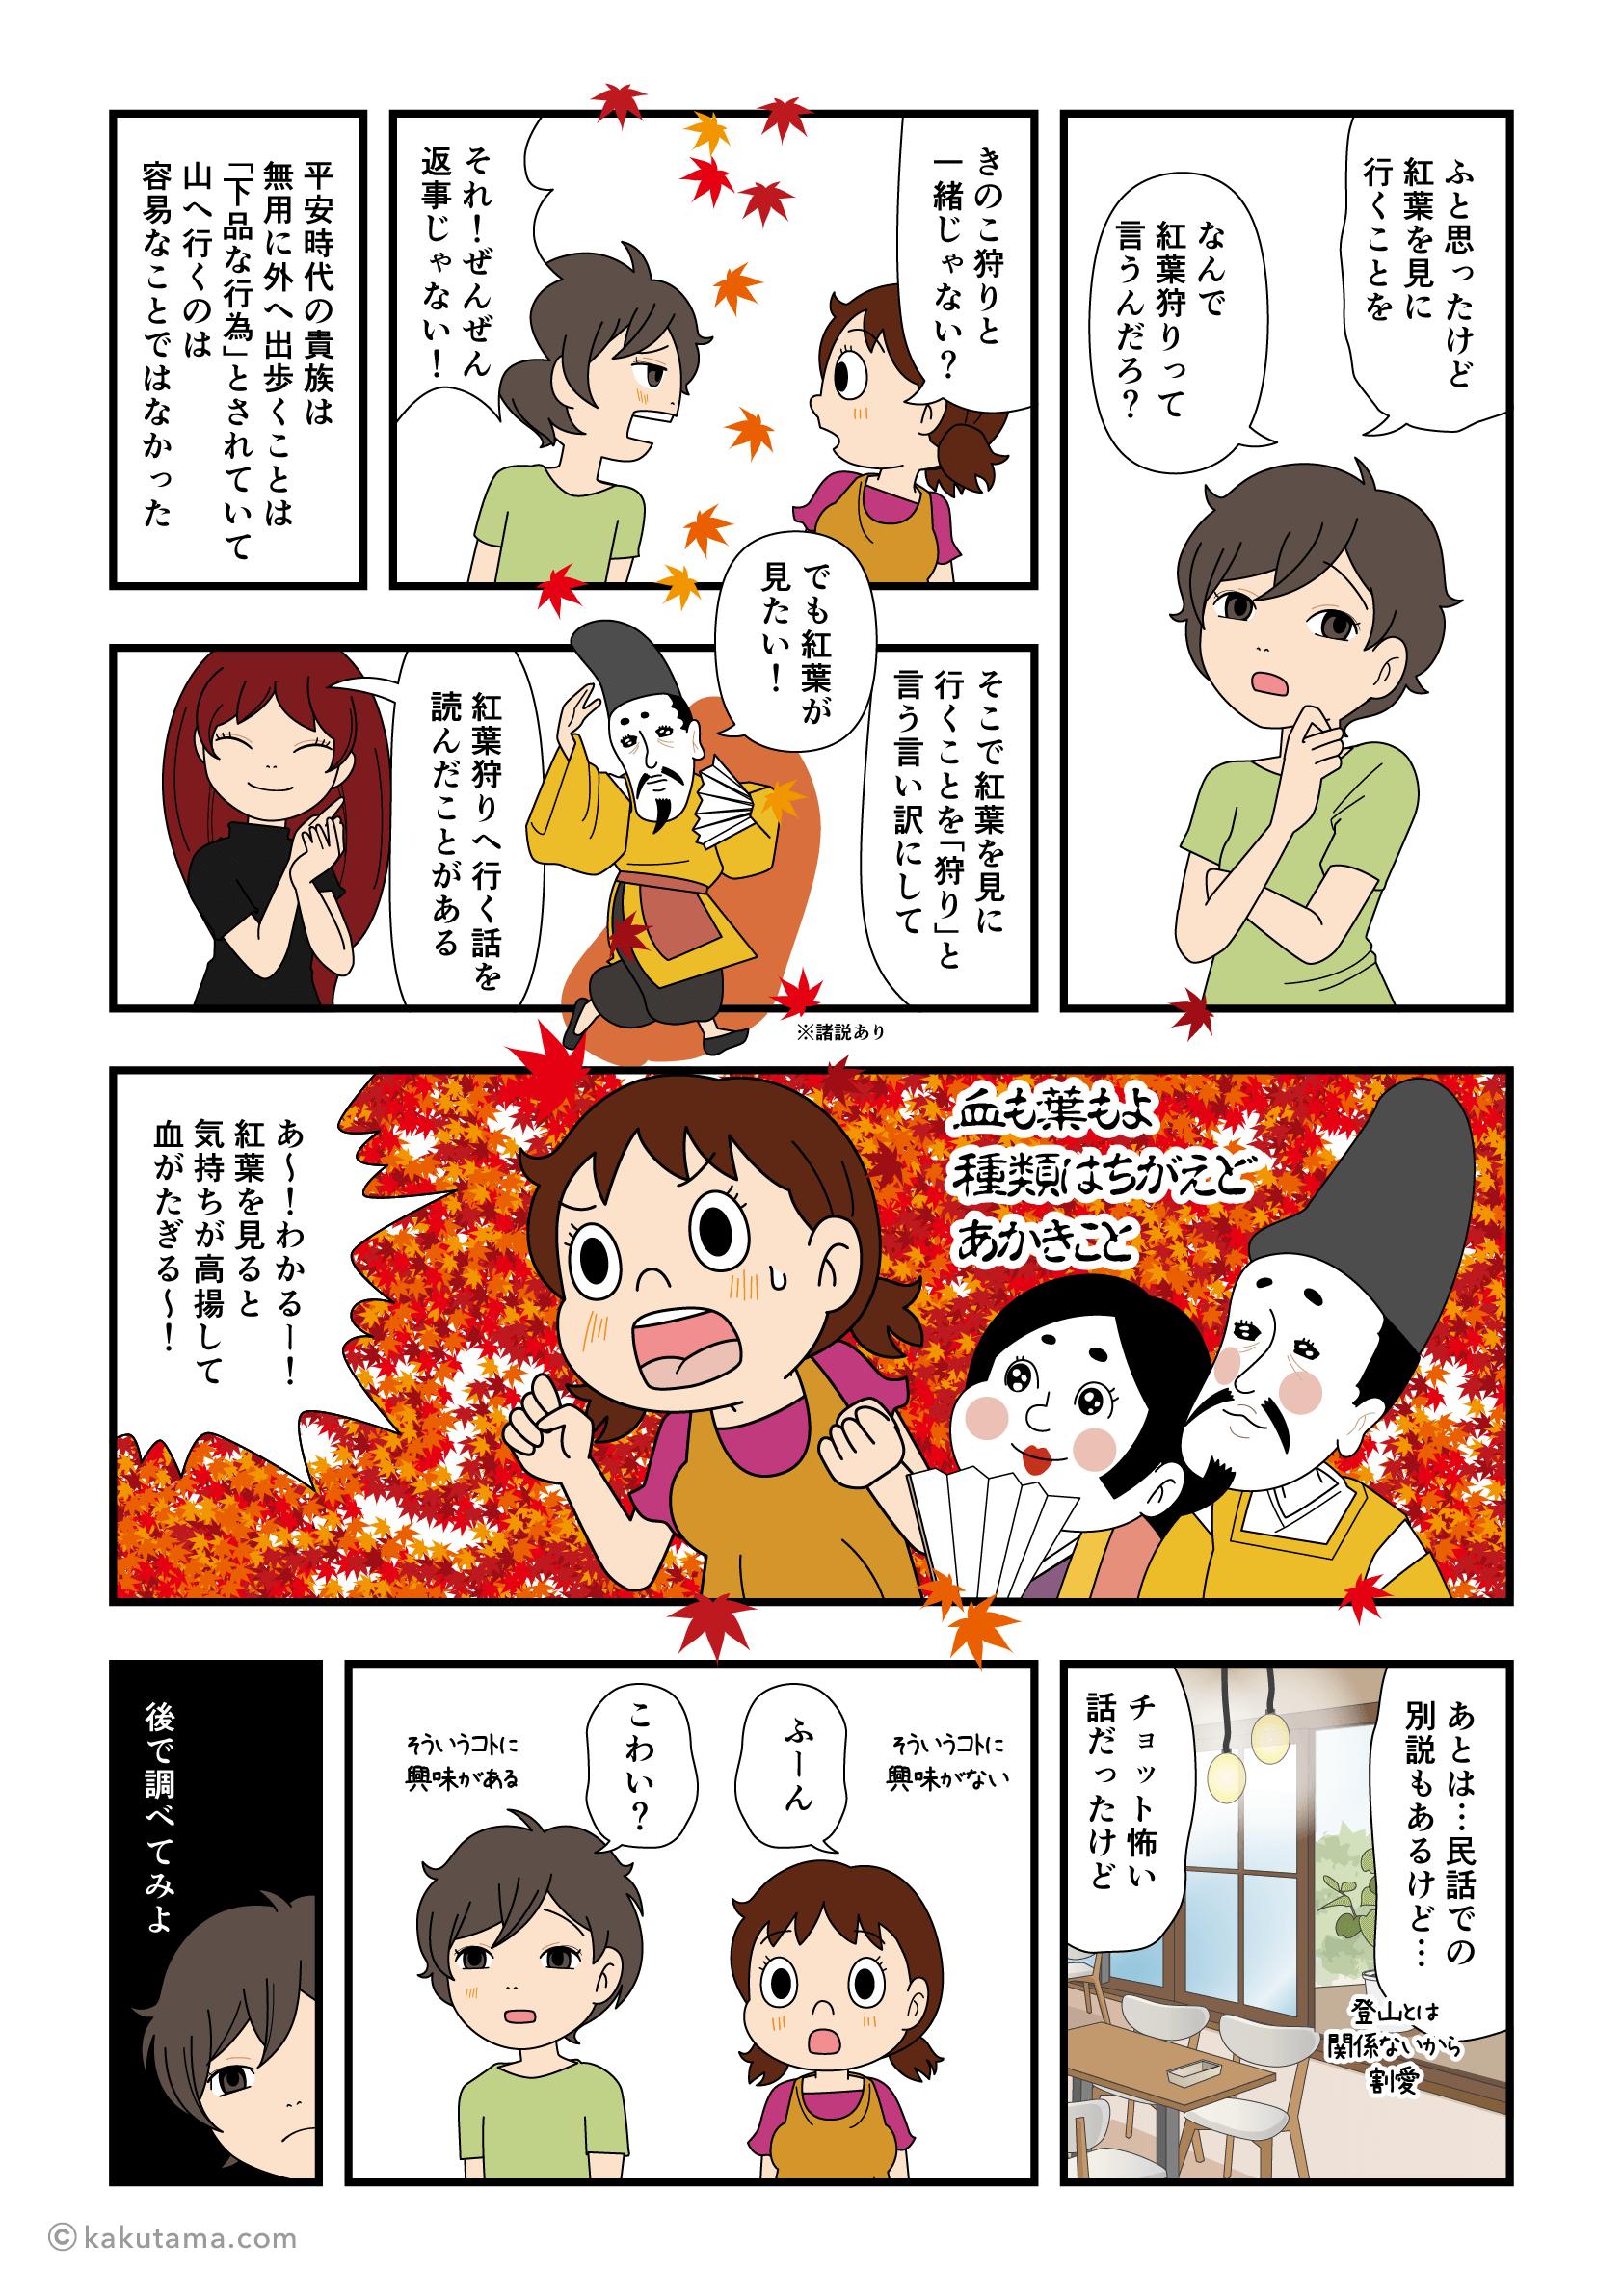 紅葉狩りの意味を探る登山者の漫画